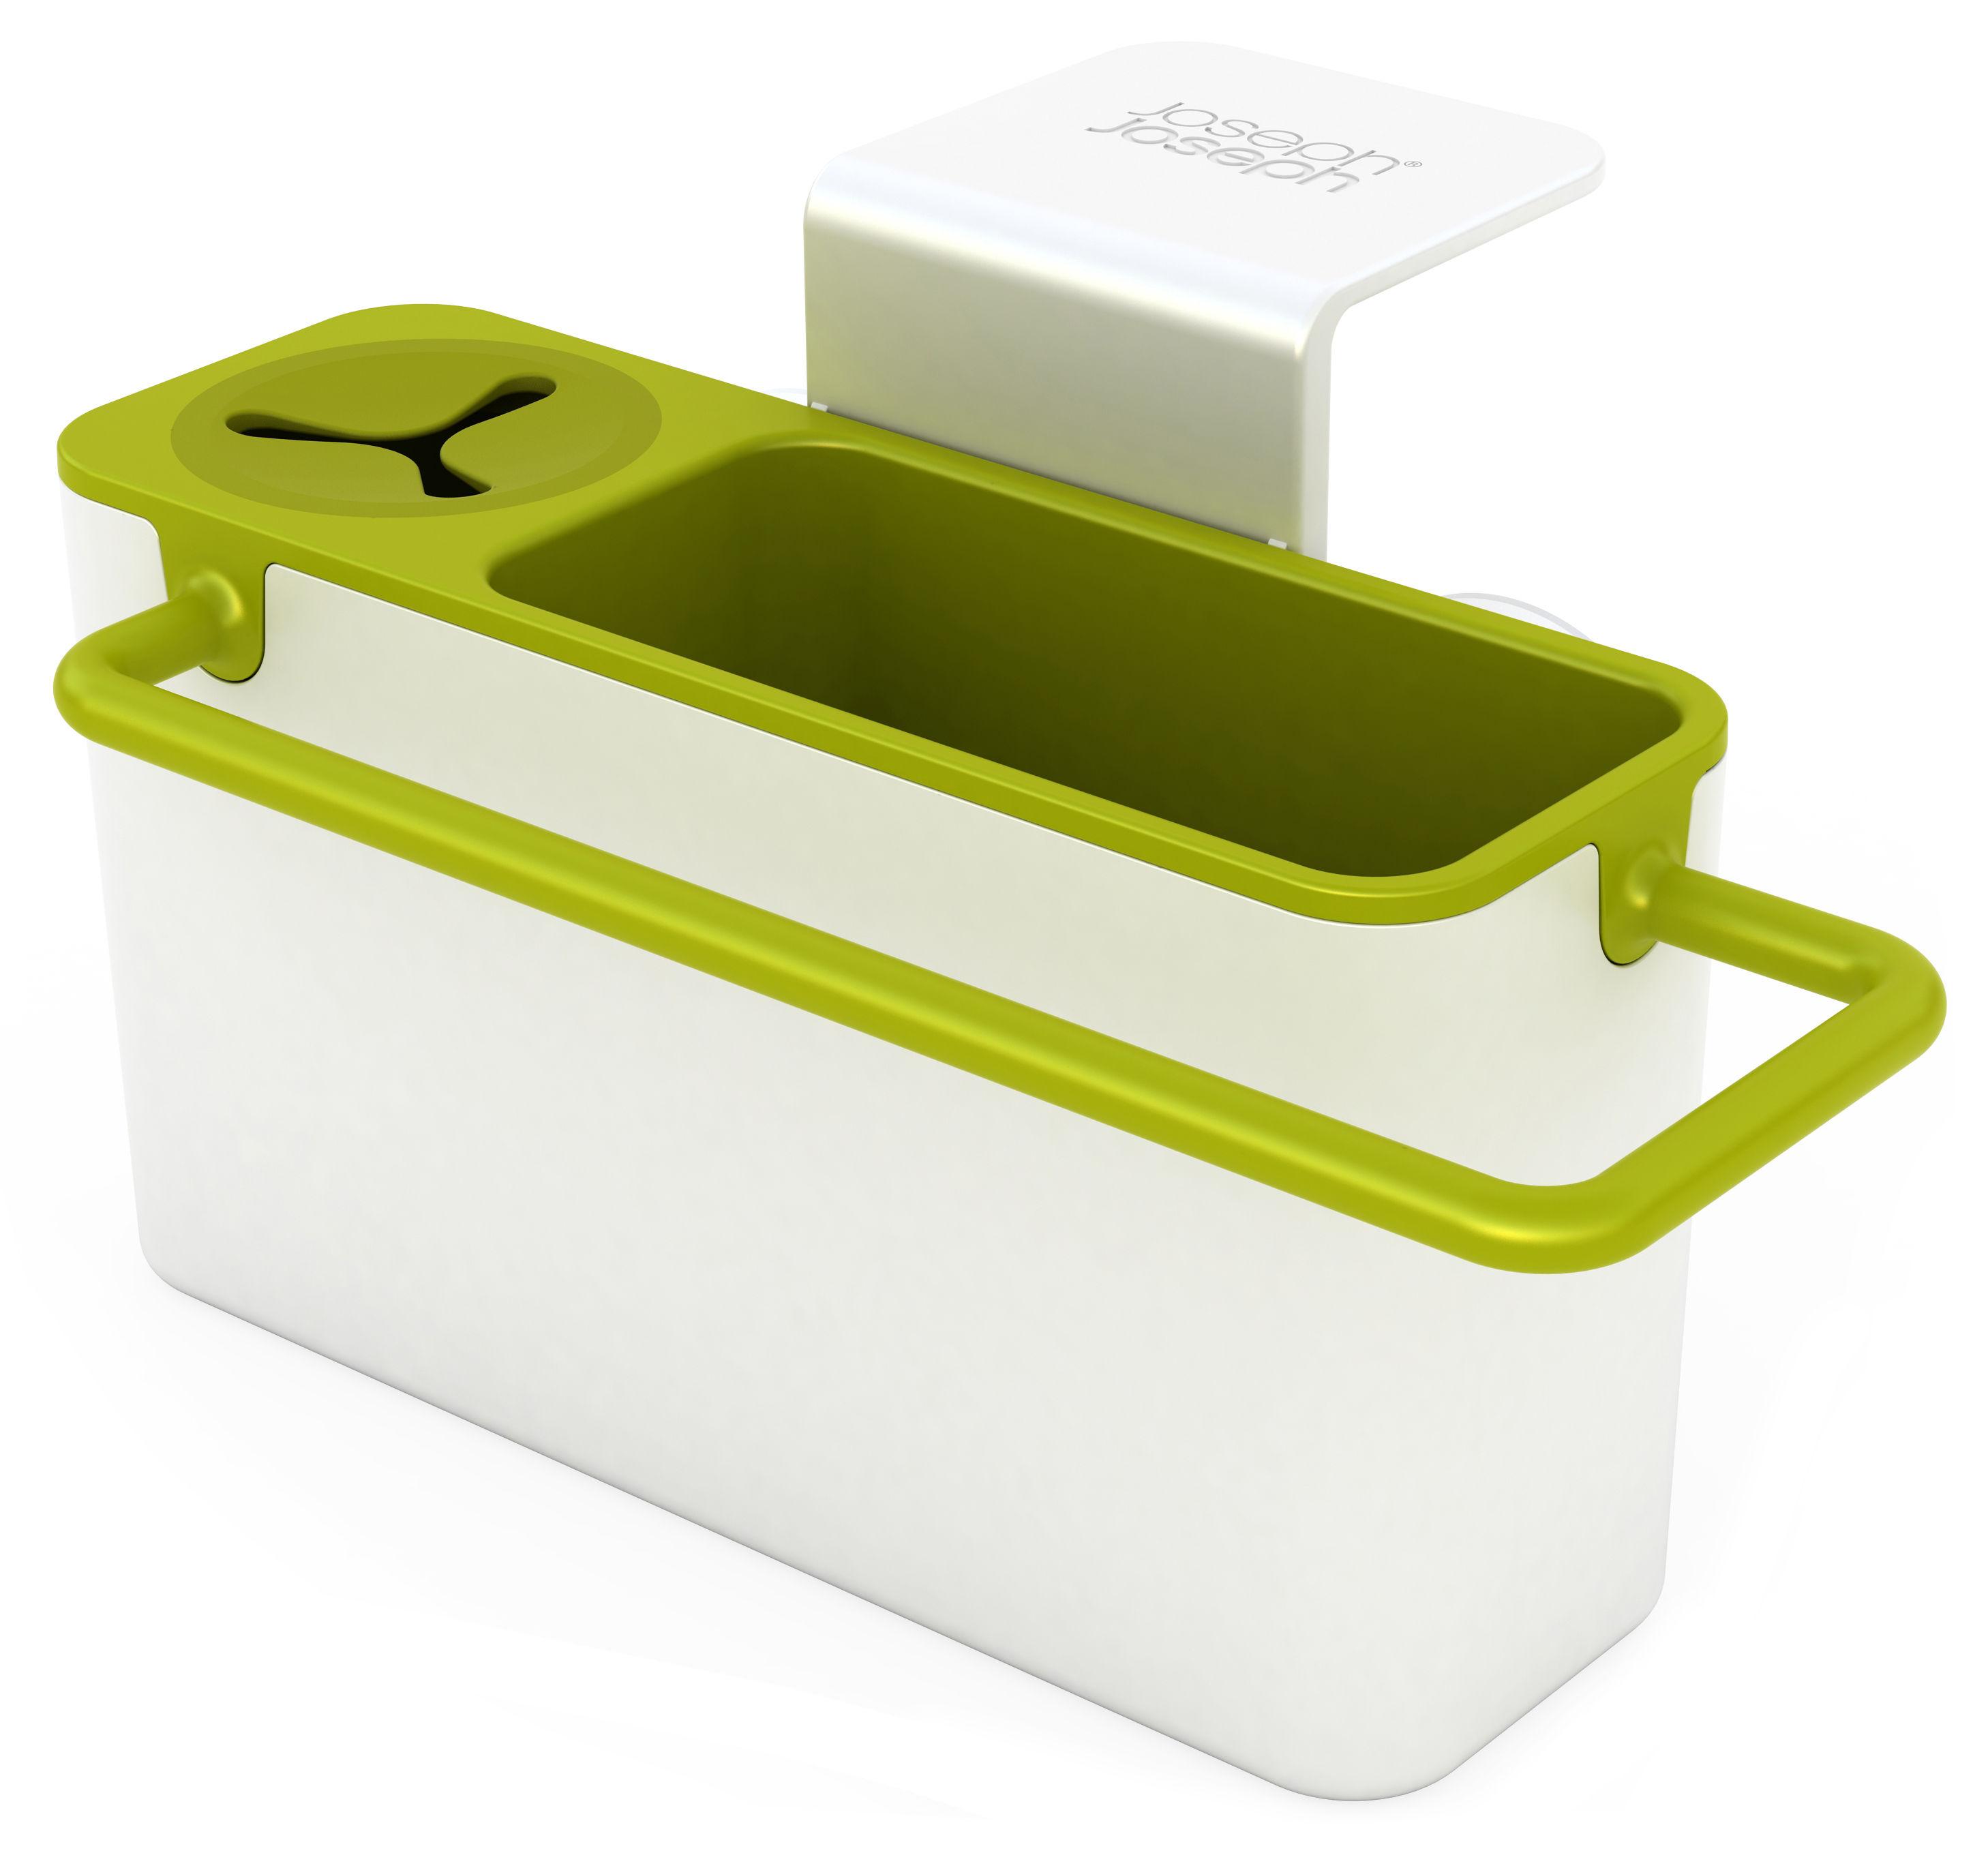 organiseur d 39 vier sink aid avec syst me d 39 vacuation blanc vert joseph joseph. Black Bedroom Furniture Sets. Home Design Ideas